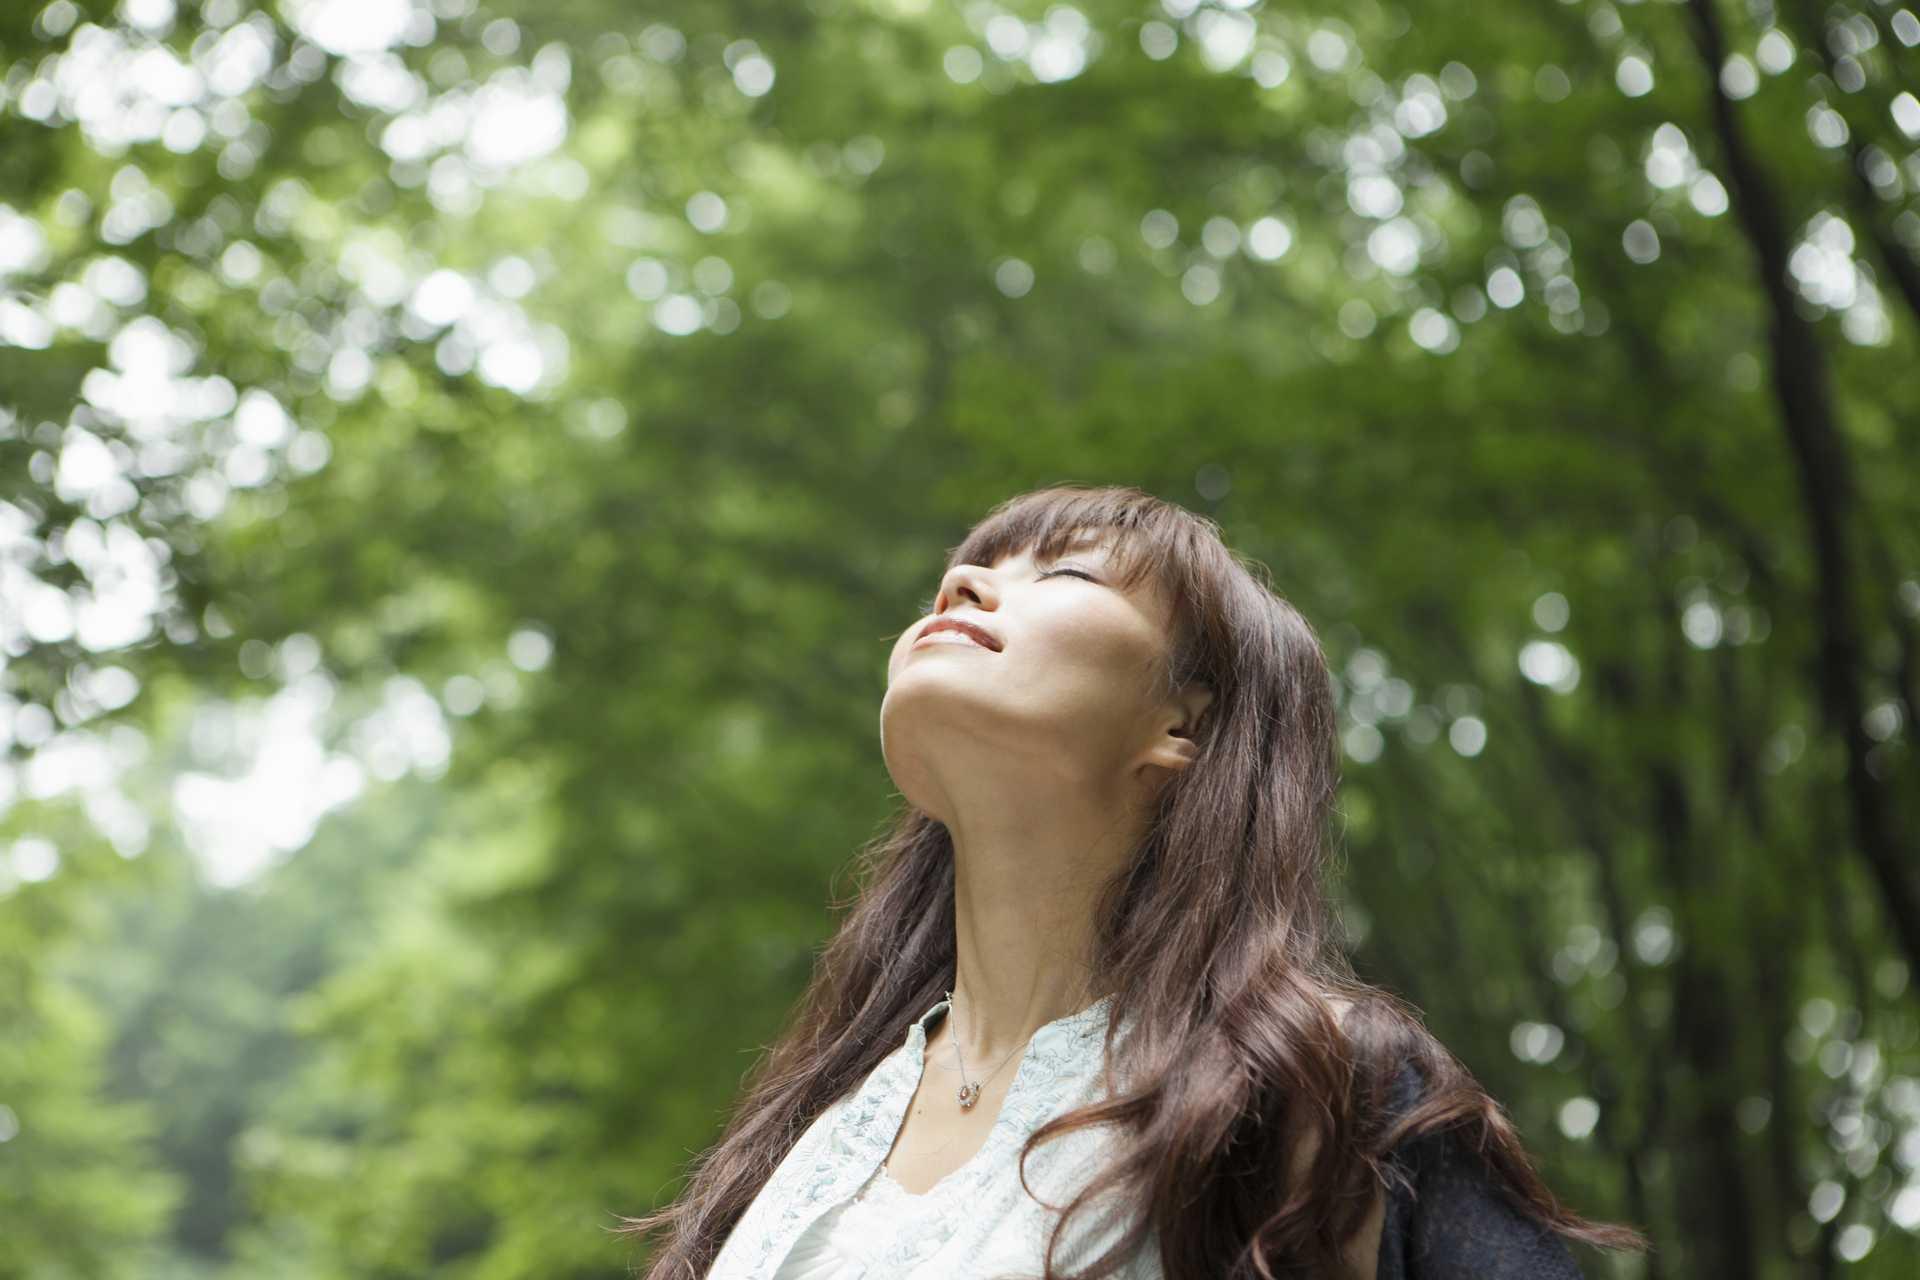 空気は、おいしい食べ物だと意識しながら歩く。 | 脳を刺激する30の歩き方